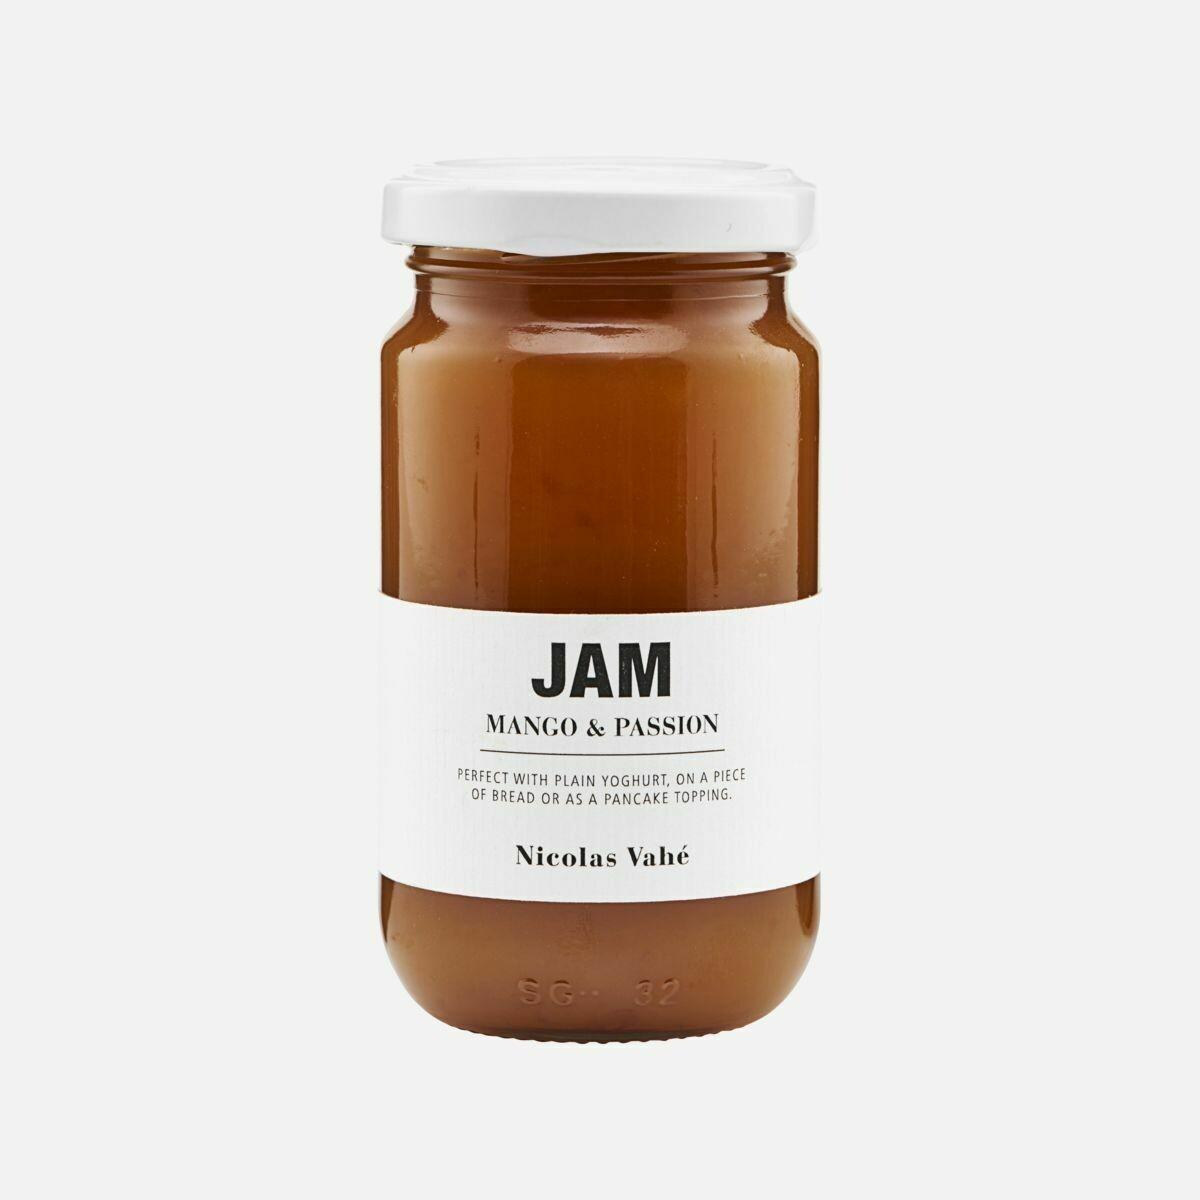 Jam, Mango & Passion